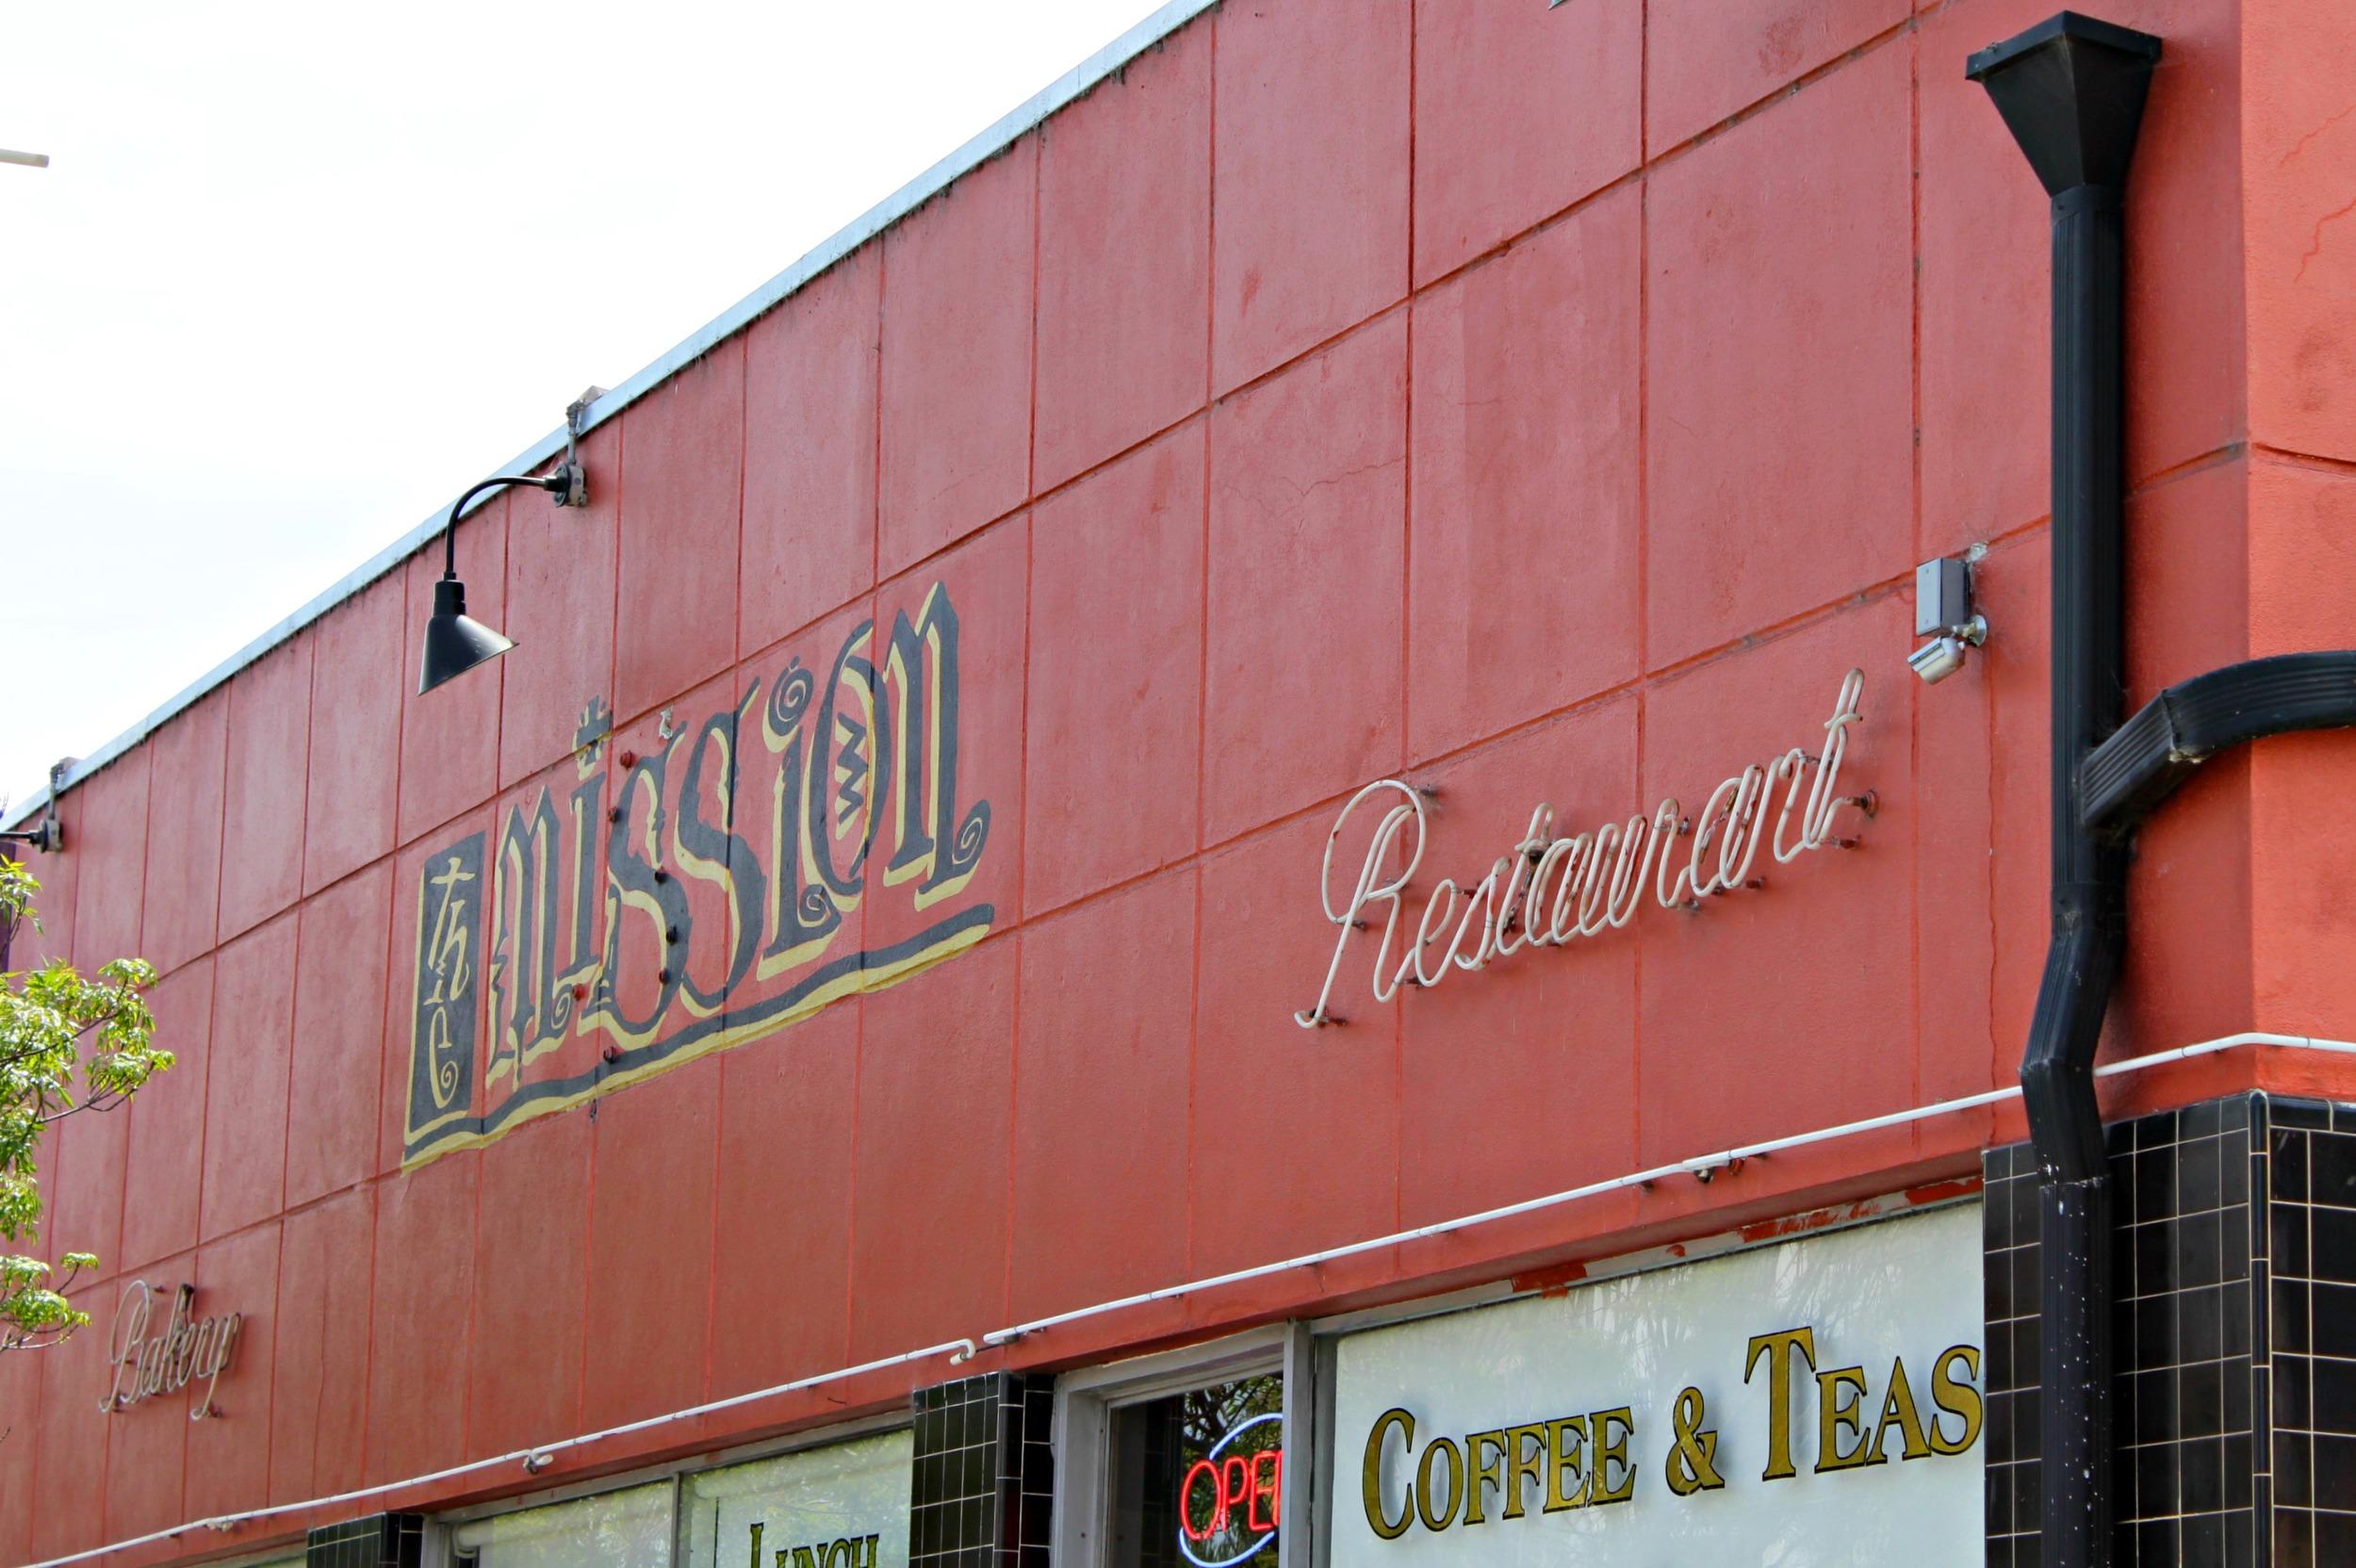 Mission Restaurant in San Diego